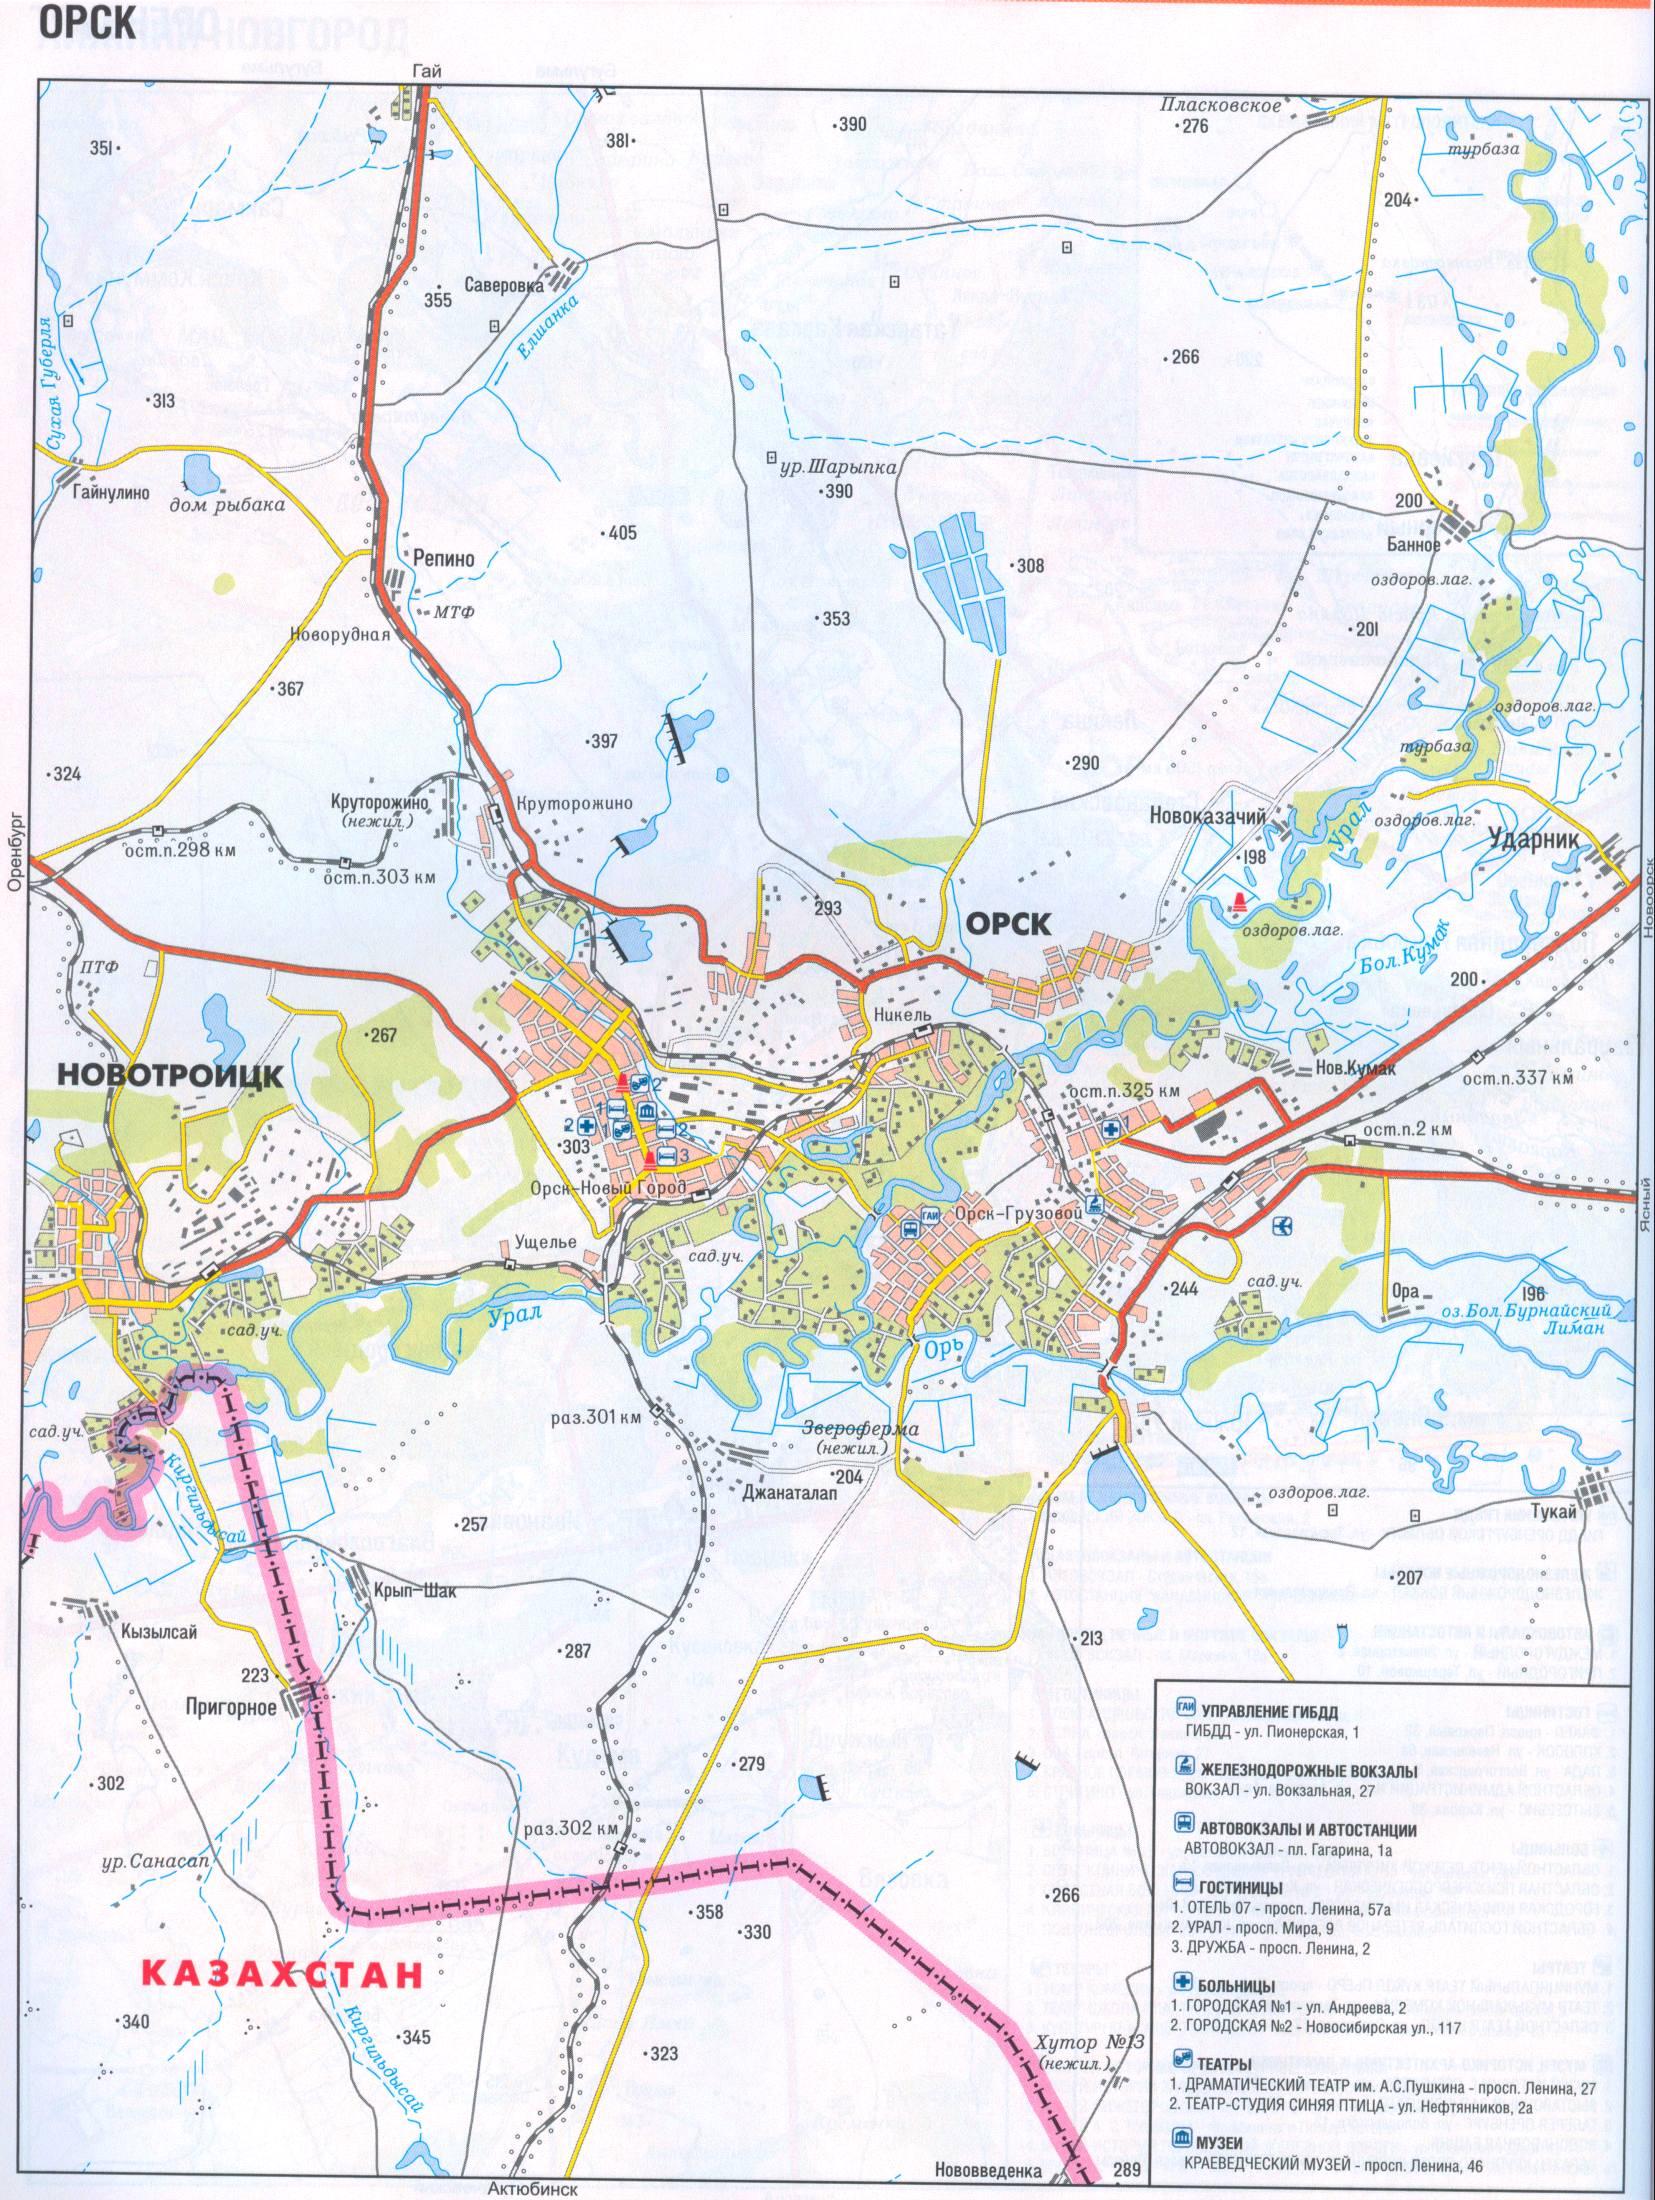 Карта Орска Оренбургской области.  План схема города Орск с окрестностями масштаба 1см:2км - Новотроицк.